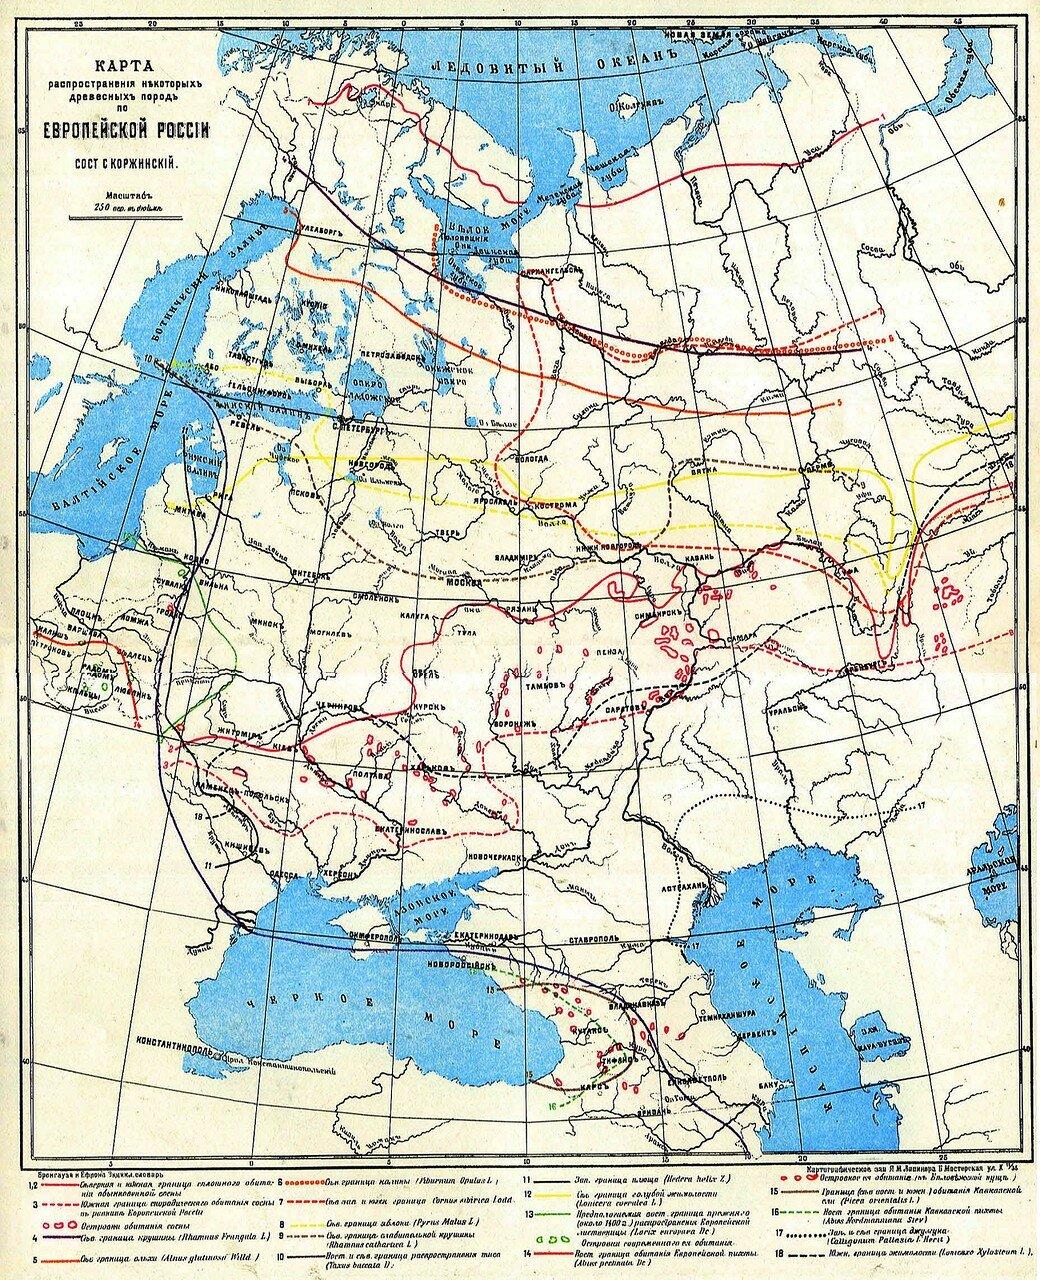 22. Карта распространения древесных пород по Европейской России